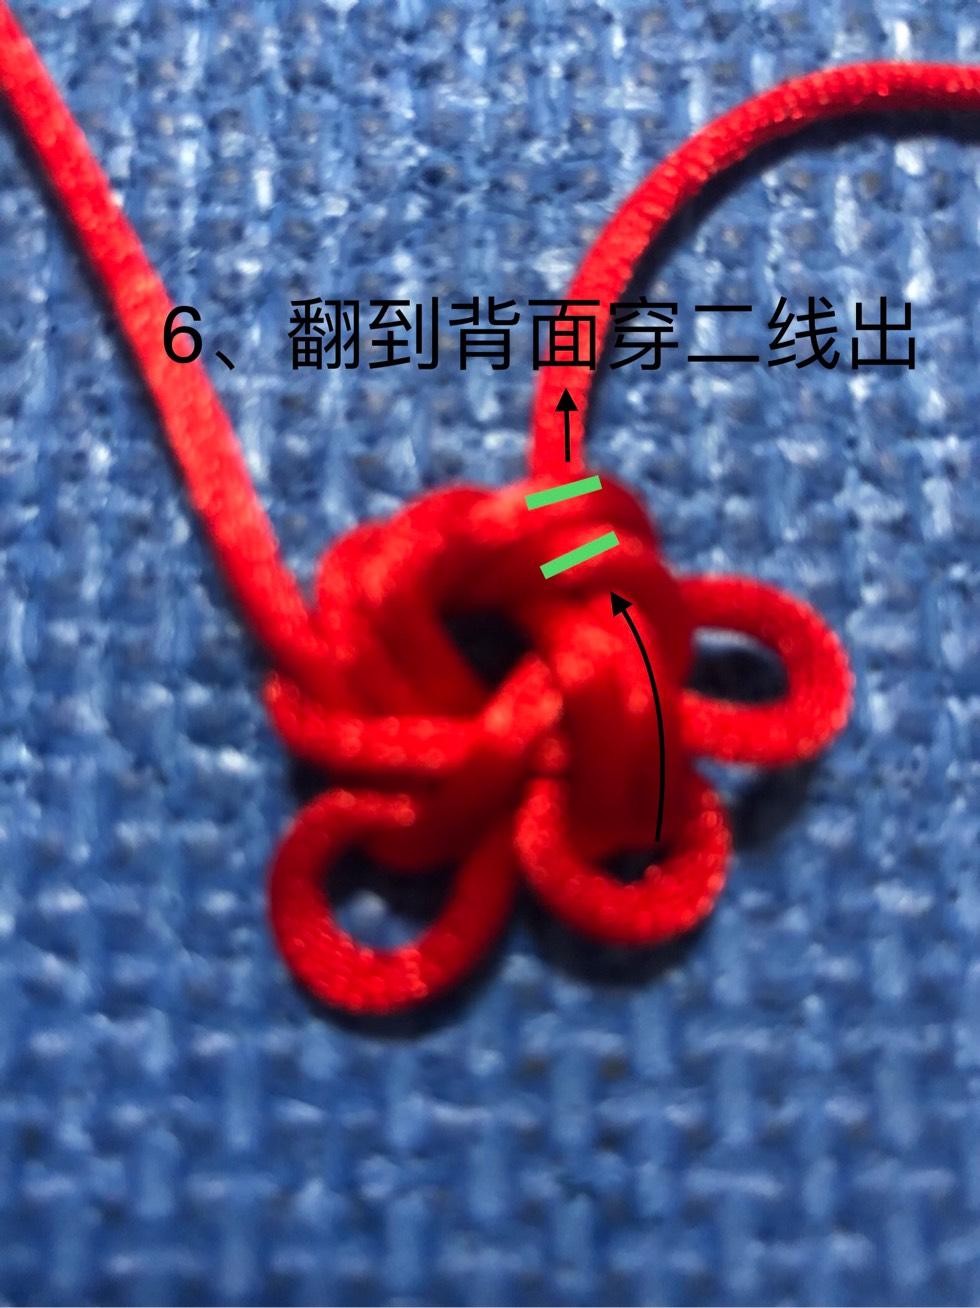 中国结论坛 学习团锦冰花随记之一:单个团锦冰花  图文教程区 143507b11chev7qy17fv7h